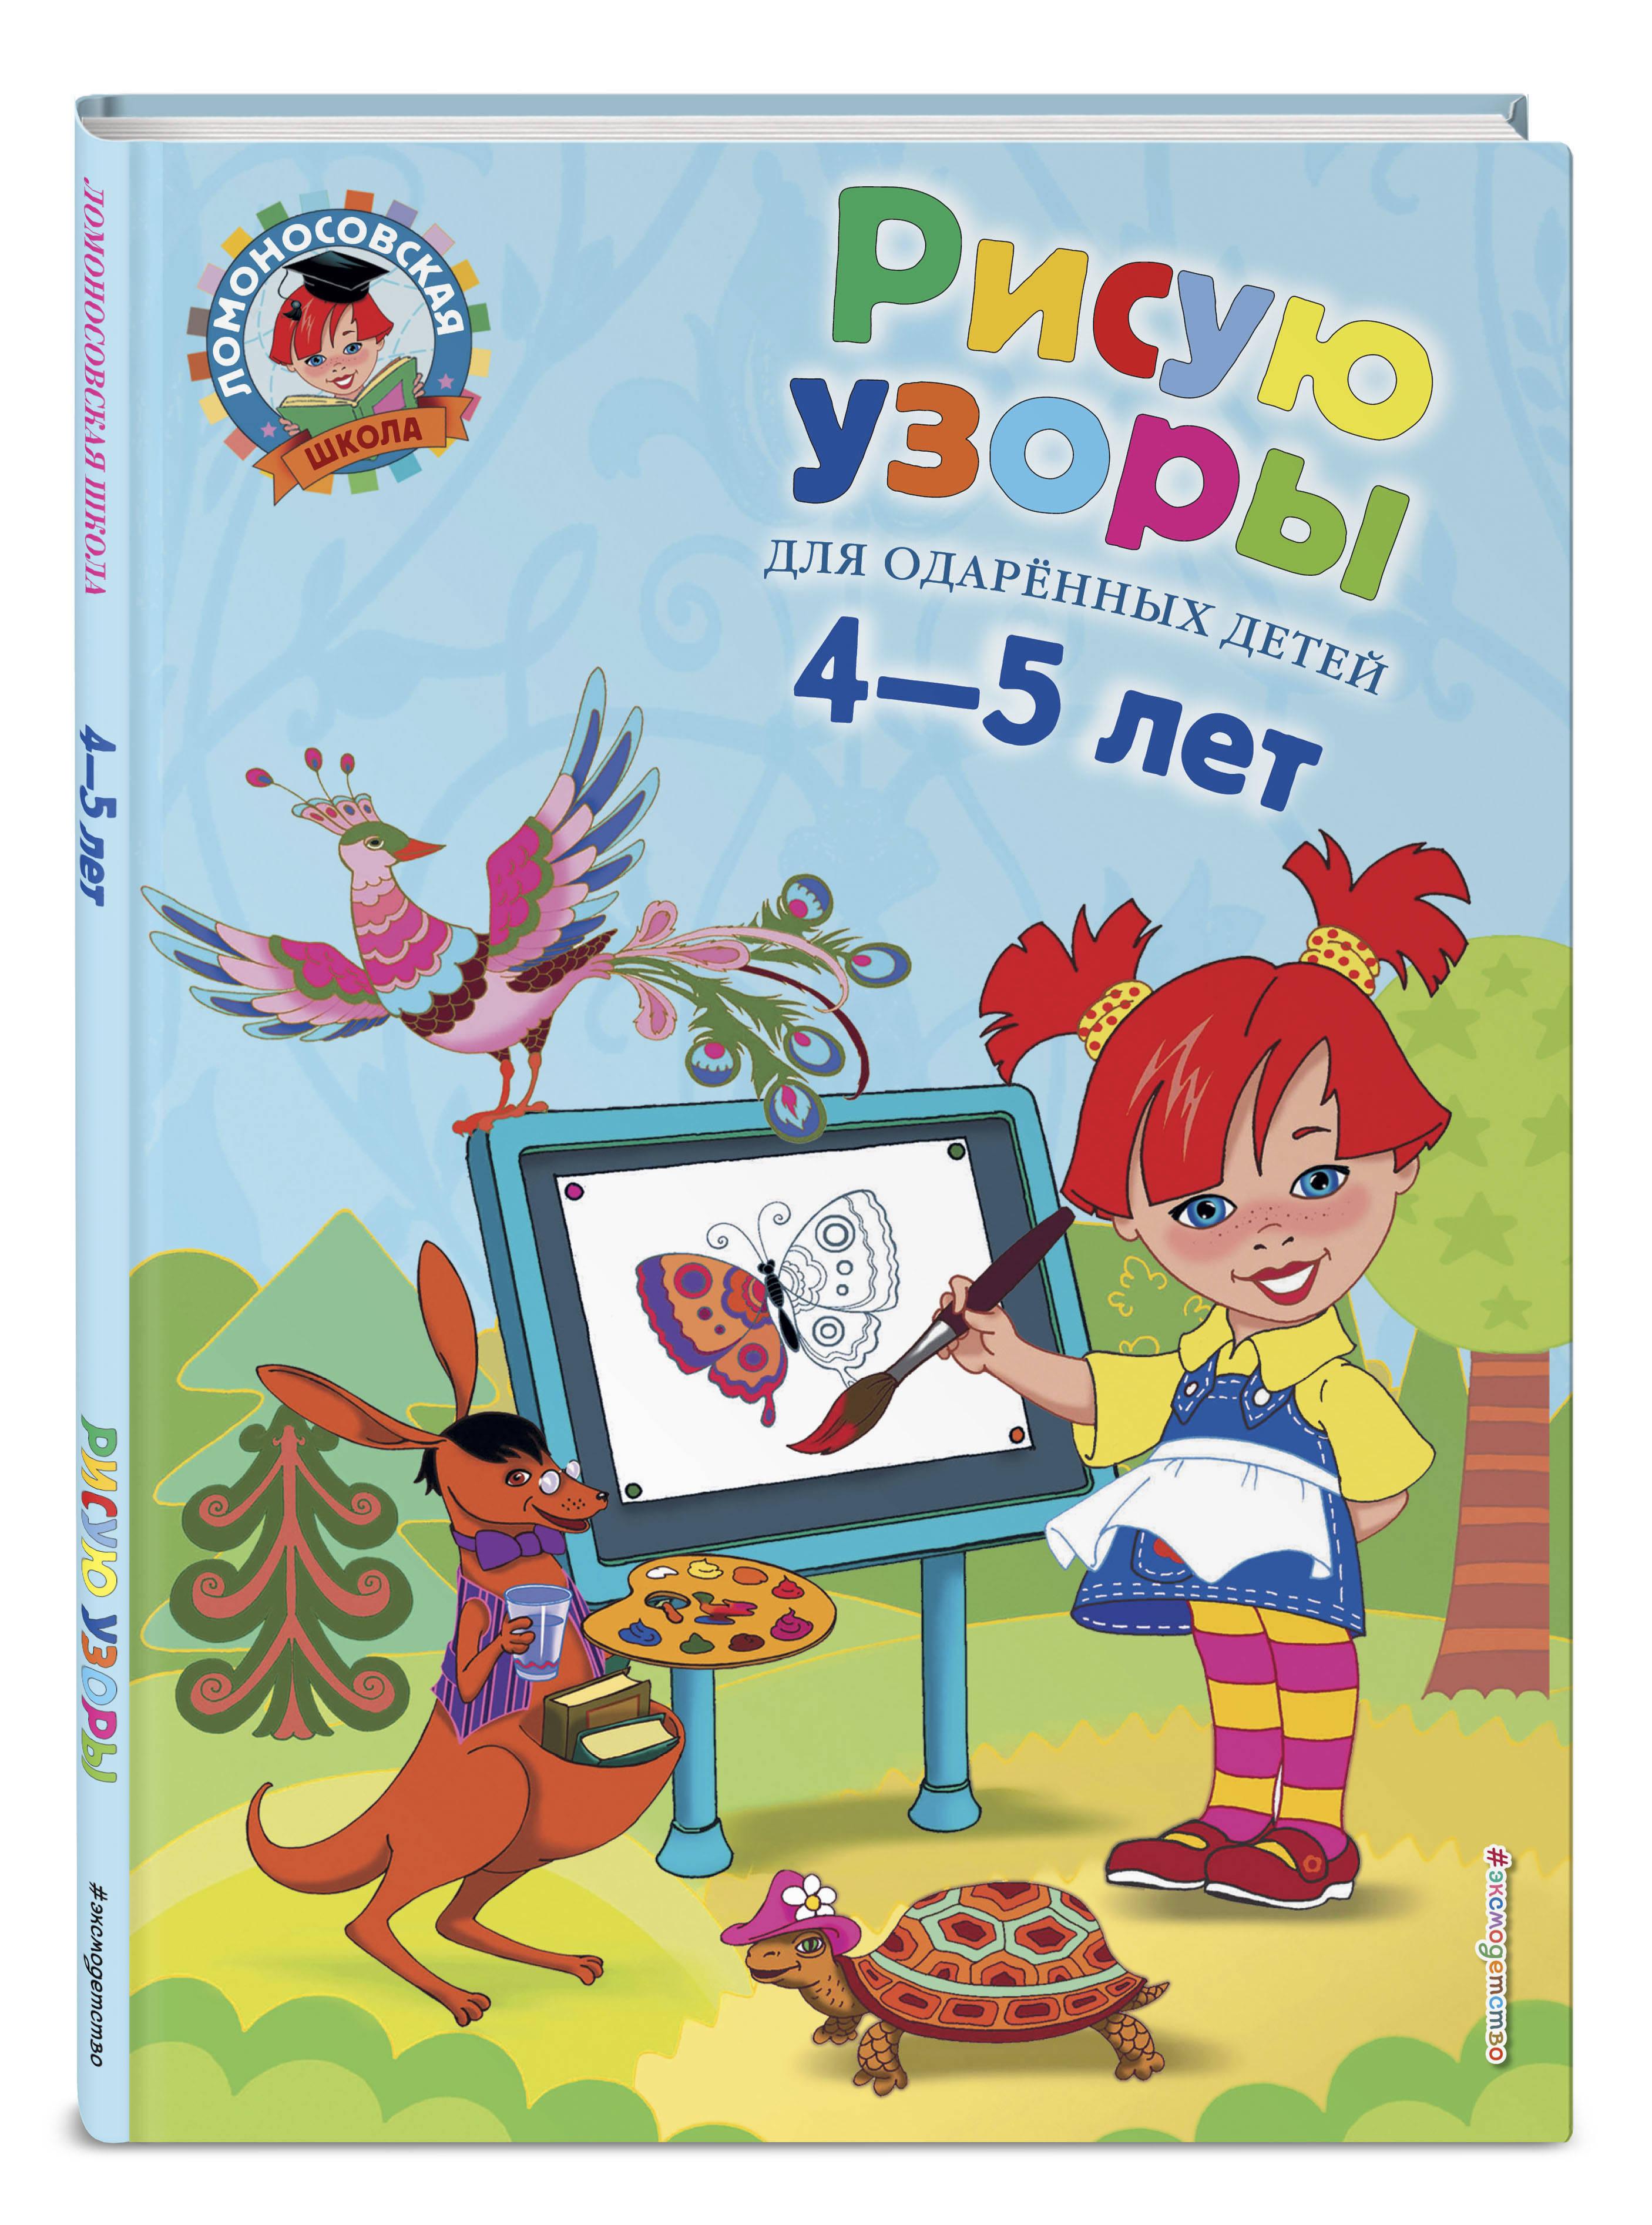 Егупова В.А. Рисую узоры: для детей 4-5 лет fenix пишу и рисую на 5